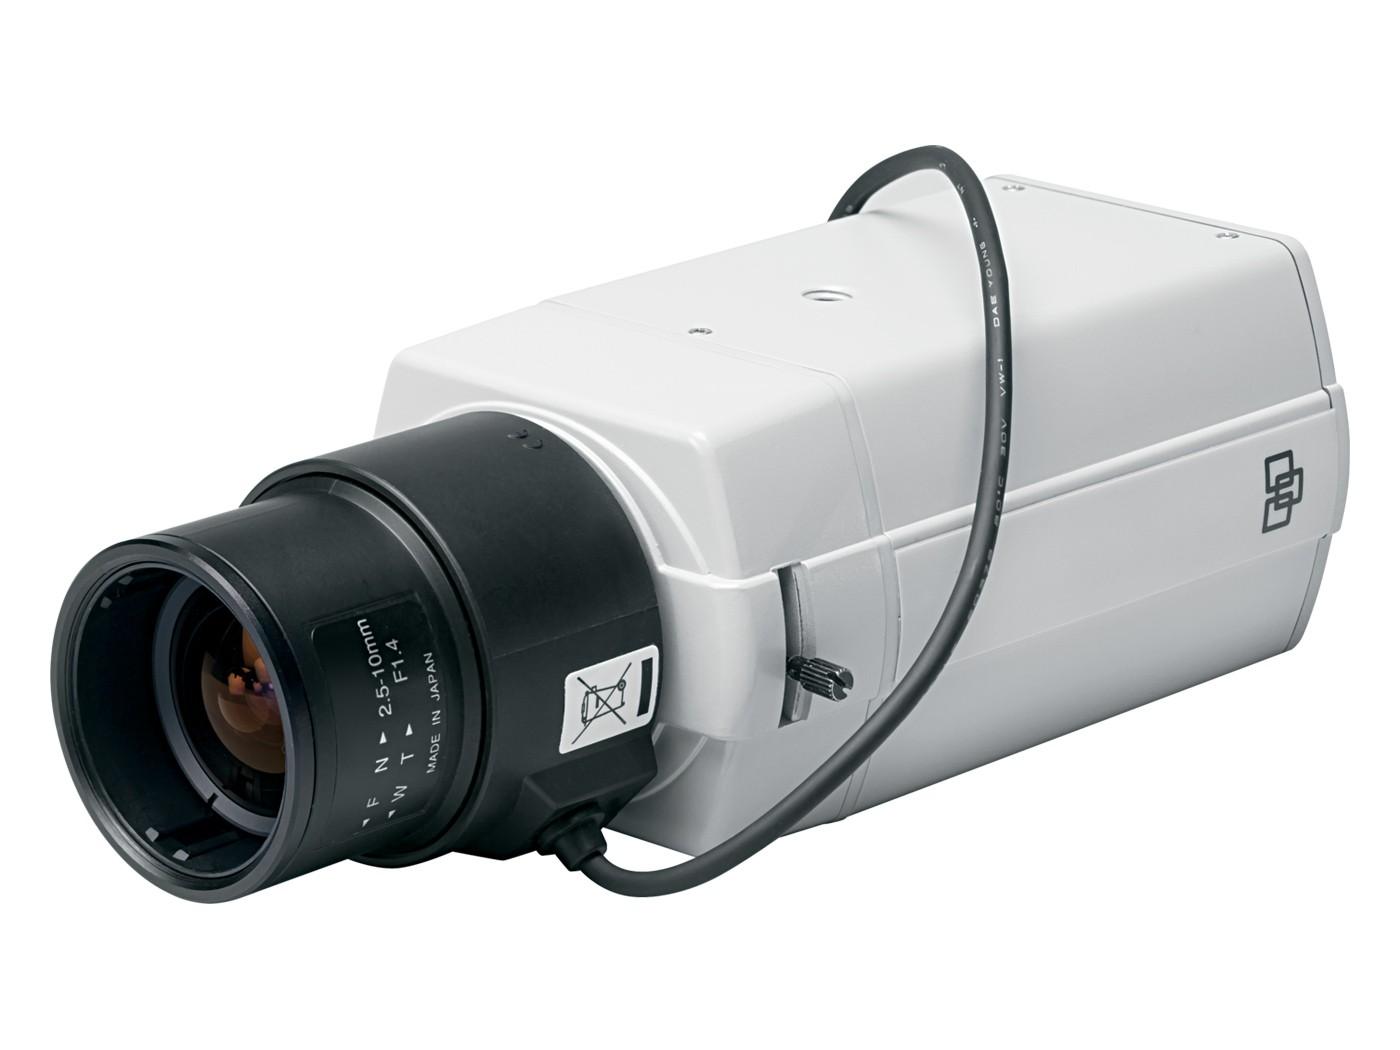 Аналоговая видео камера для ночных НЛО Можно пойти дальше, и использовать IP камеры, имеющие возможность высокой светочувствительности в темноте, компенсацию встречной засветки и мало цифрового шума по сравнению с обычными цифровыми камерами. Так же в зависимости от модели, можно быстро включать или выключать блокирующий ИК фильтр, либо снимать в ИК с пропускным фильтром, либо без фильтров в видимом диапазоне. Со многими ИП камерами разных производителей совместима лишь программа Ispy,  есть лишь одно ограничение у этой программы, максимальное разрешение записи в HD 720p.  UFOid предназначена для работы с веб камерами, но поток IP камеры можно превратить в поток виртуальной камеры с помощью дополнительной программы, и программа UFOid сможет к ней подключиться. UFOid поддерживает запись с разрешением FullHD.